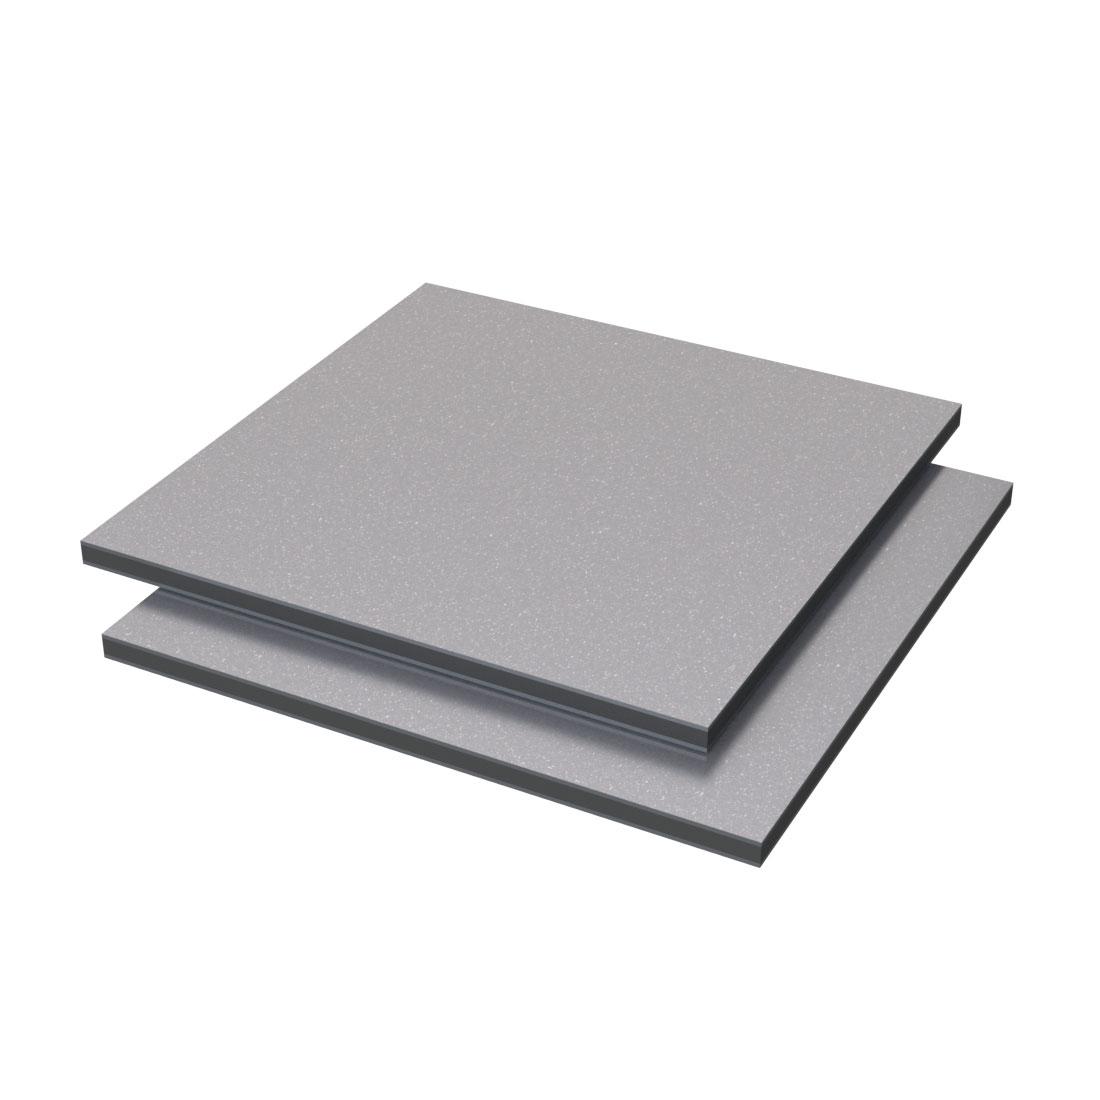 Vibond Aluminium /PE Glitter mat Zilver Bb6018/bb6001 3050x1500x3mm